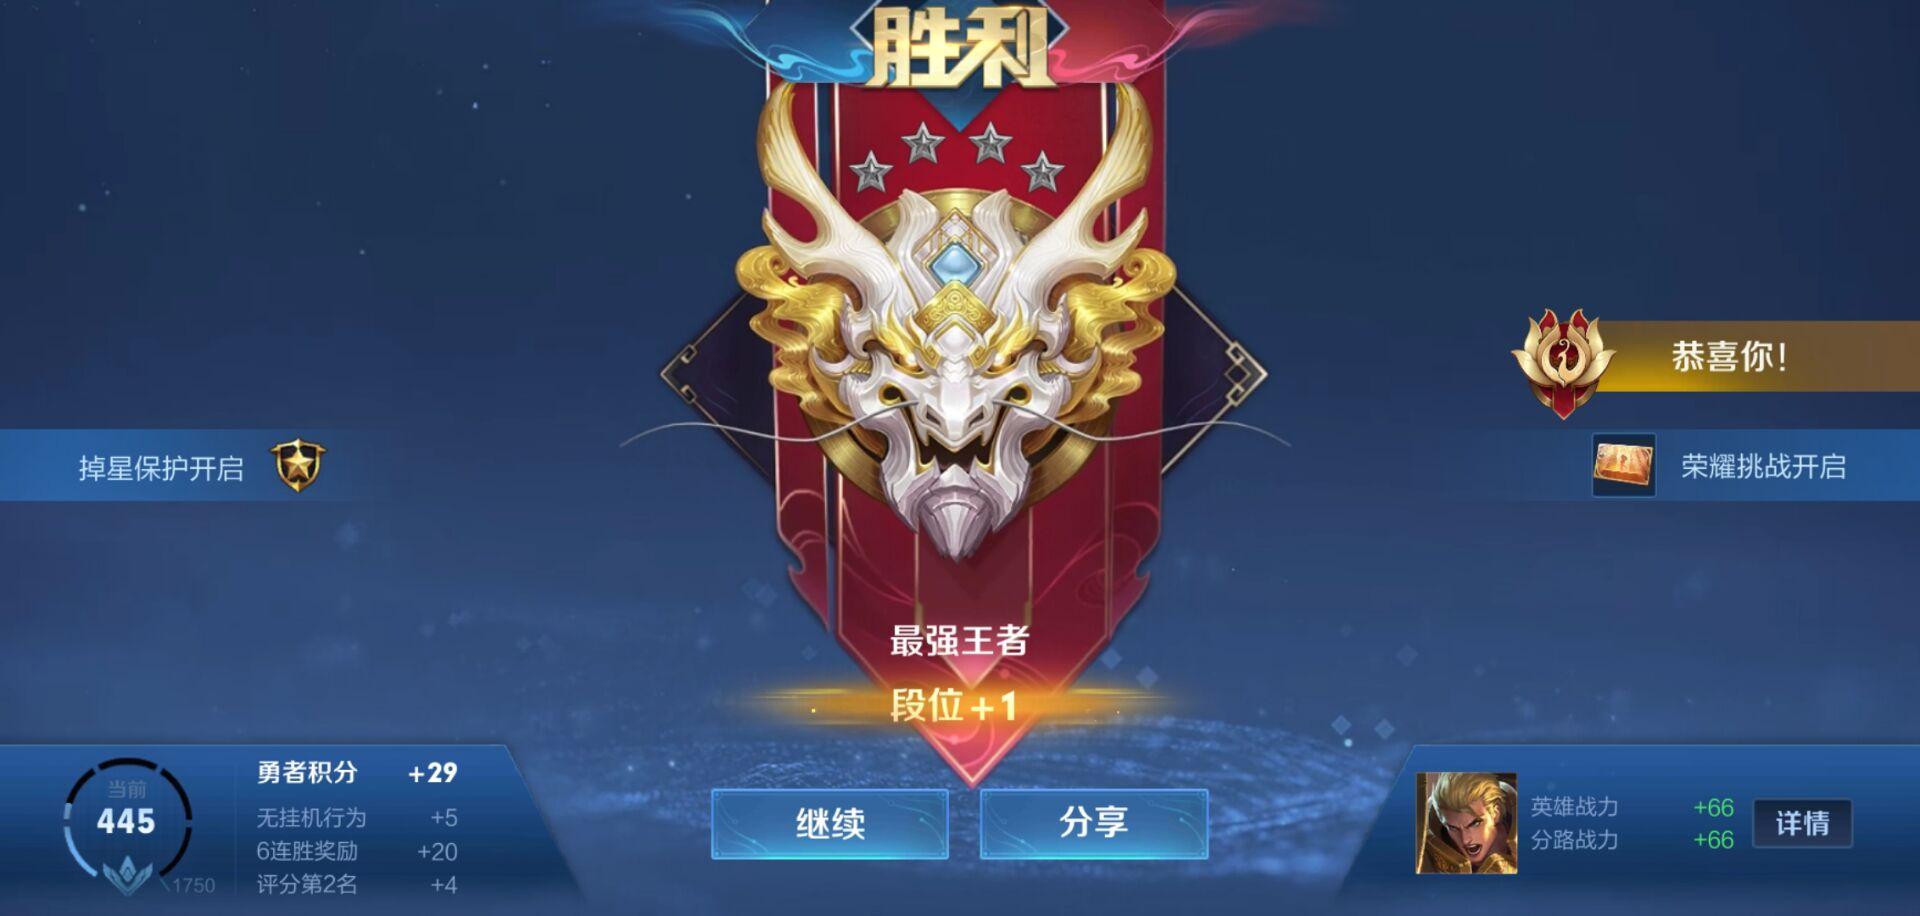 王者荣耀第S22赛季第一次上最强王者 一句话 第1张